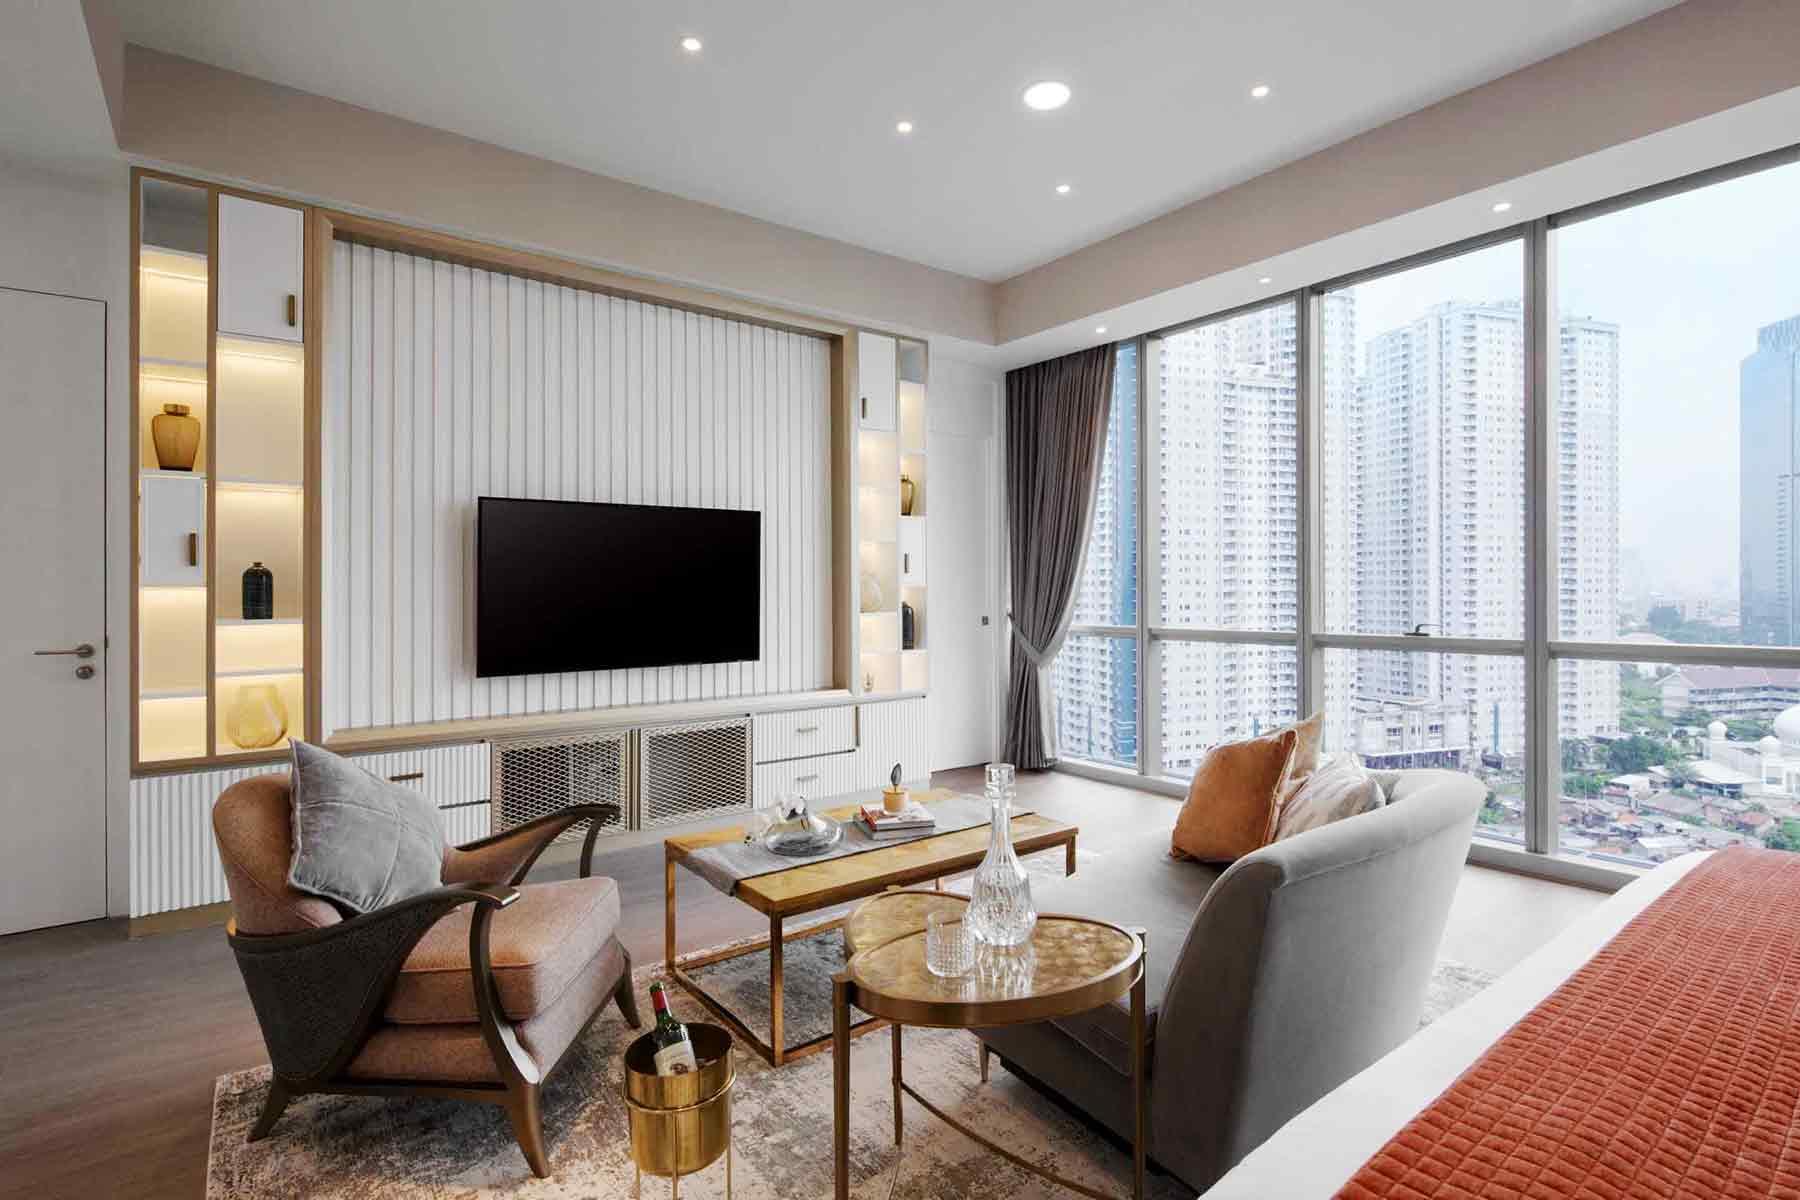 Desain Interior Apartemen Mewah dengan Gaya Klasik Kontemporer yang Memukau   Foto artikel Arsitag